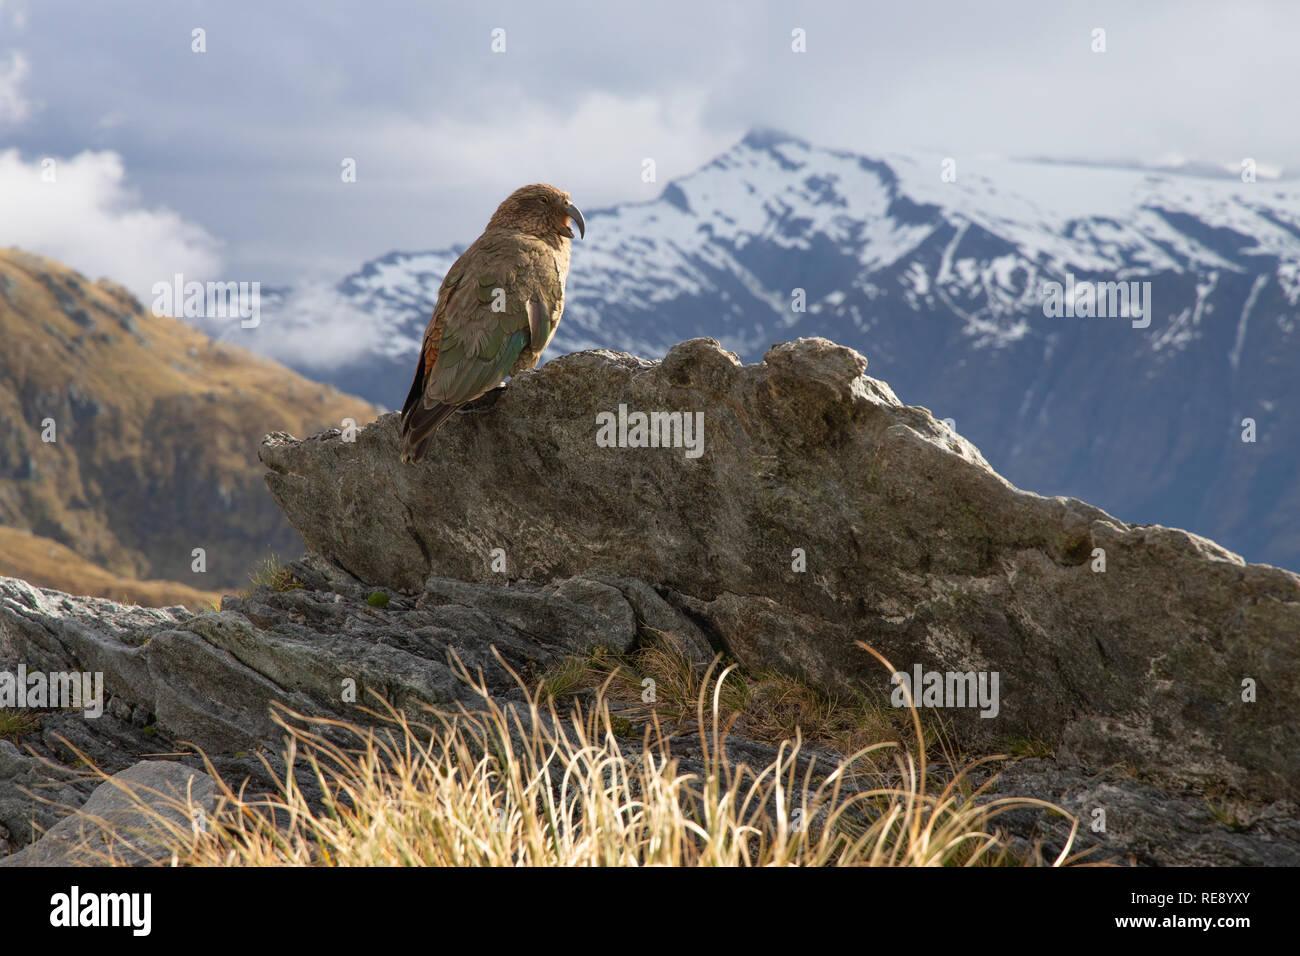 Kea nelle montagne di South Island, in Nuova Zelanda Immagini Stock